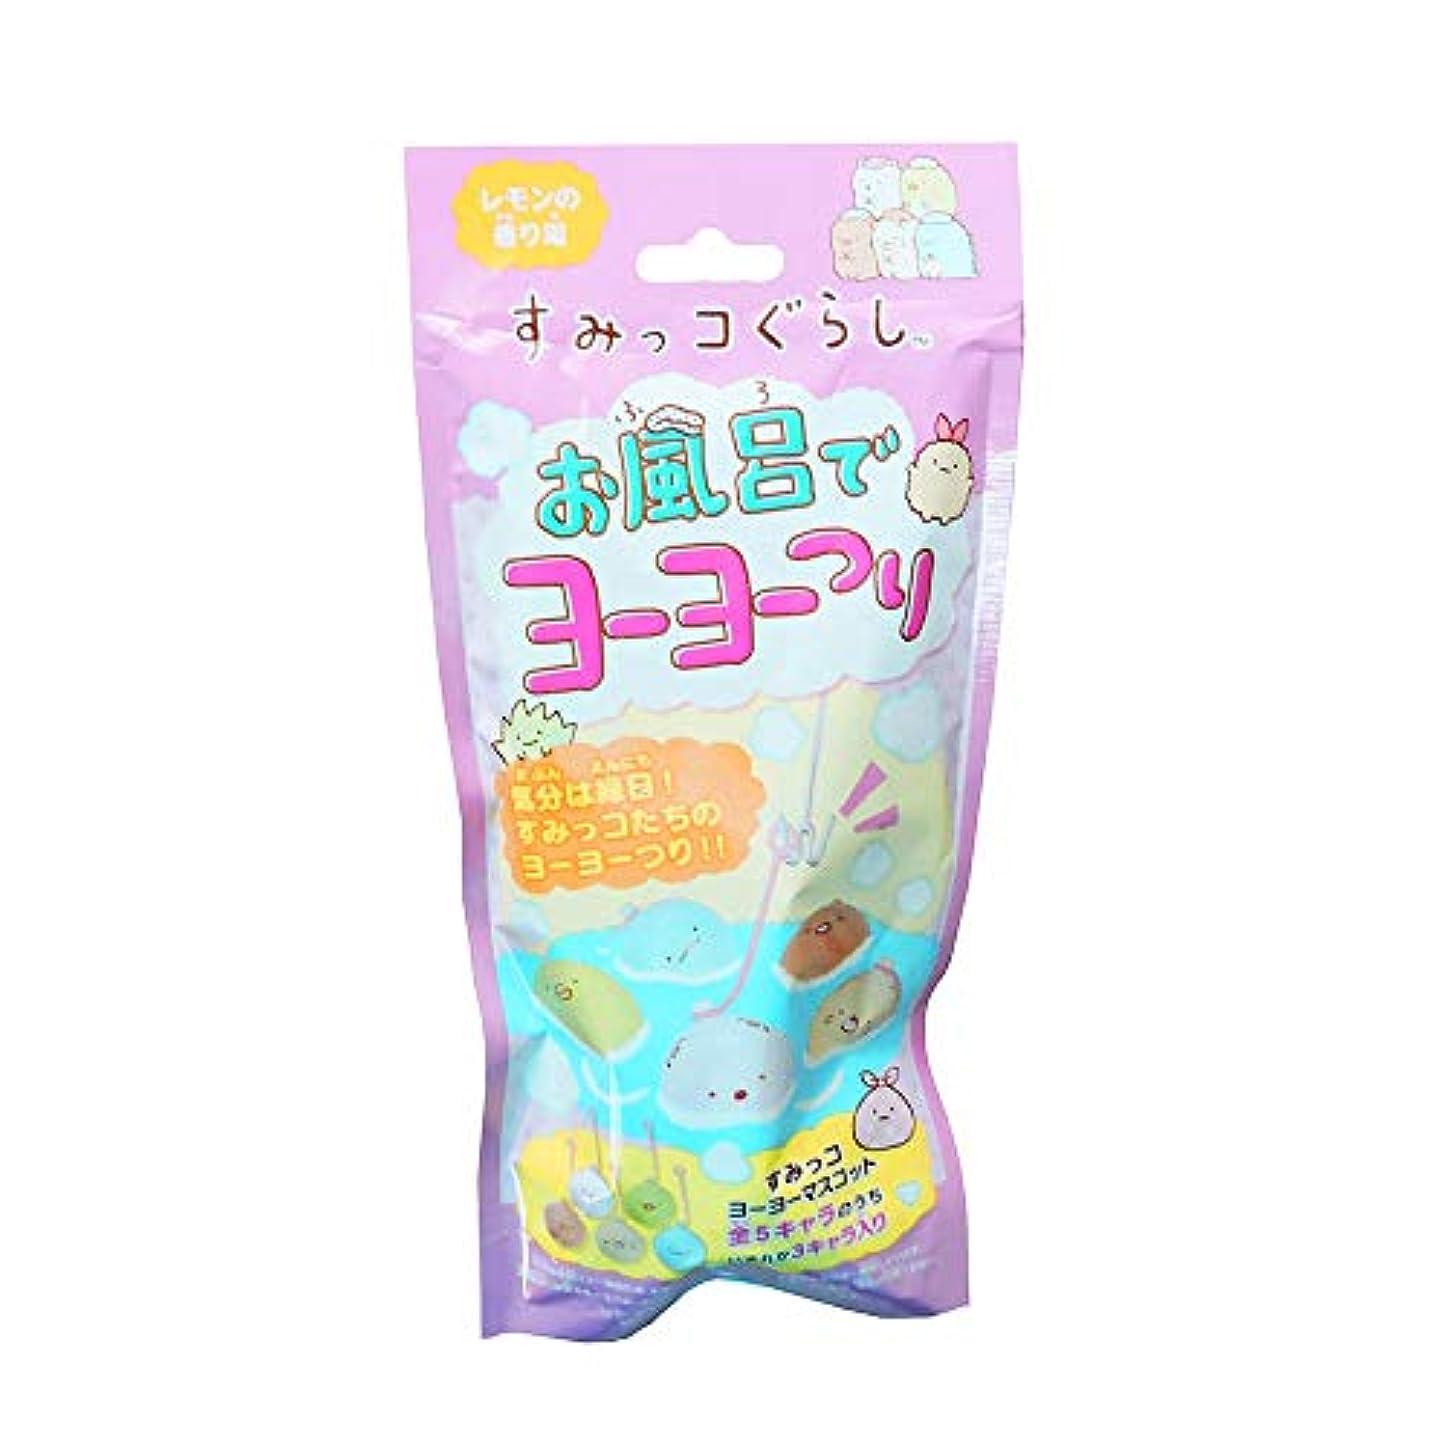 おばさんだます代理店すみっコぐらし お風呂でヨーヨーつり レモンの香り湯 25g(1包)